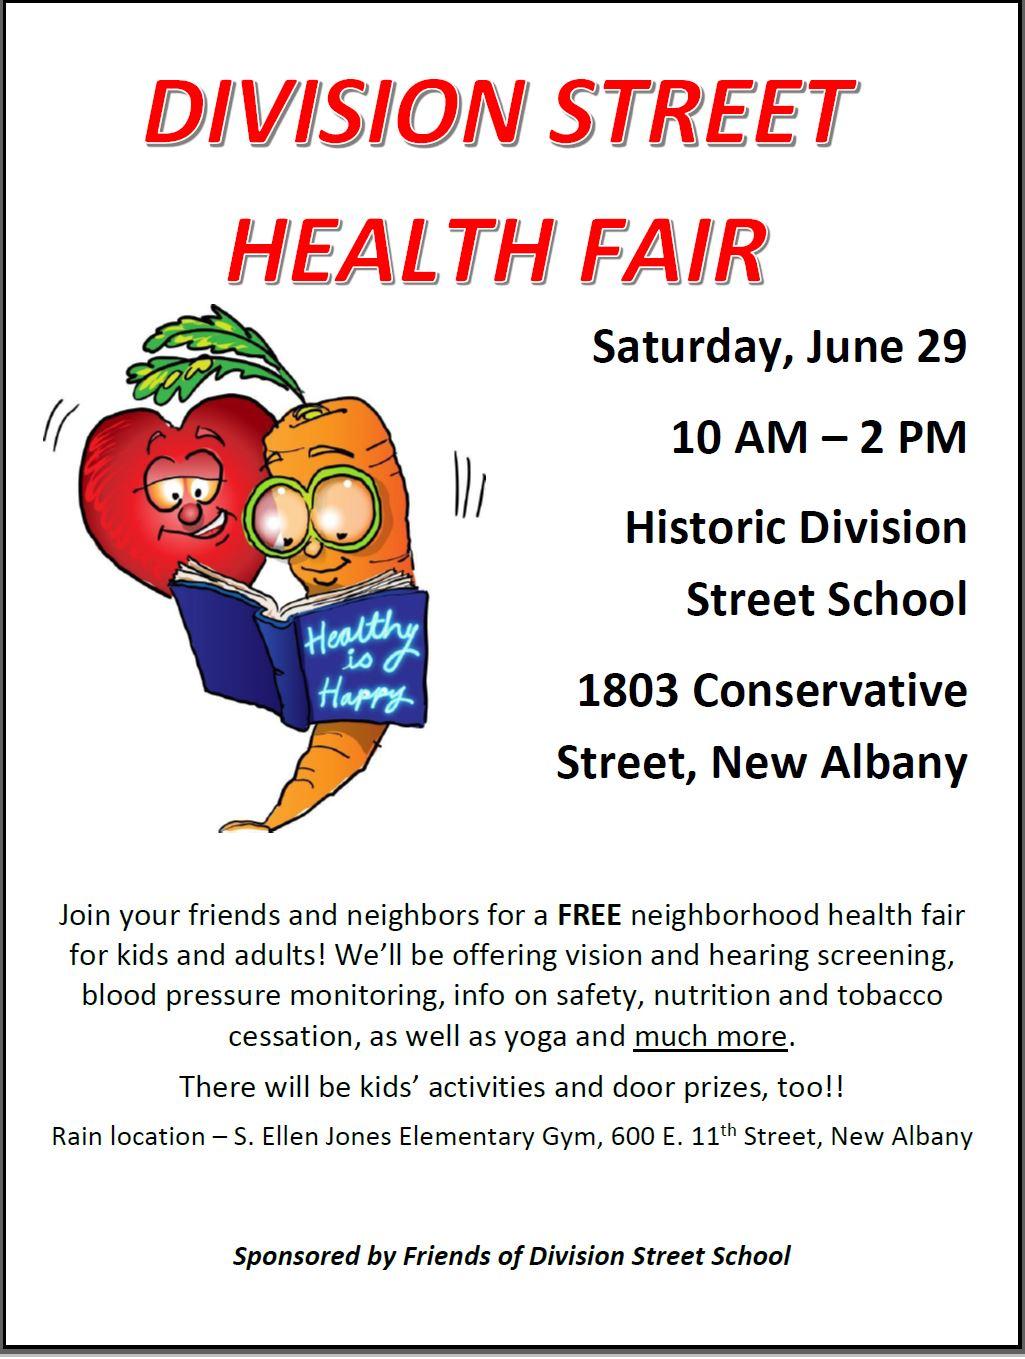 division street health fair.JPG